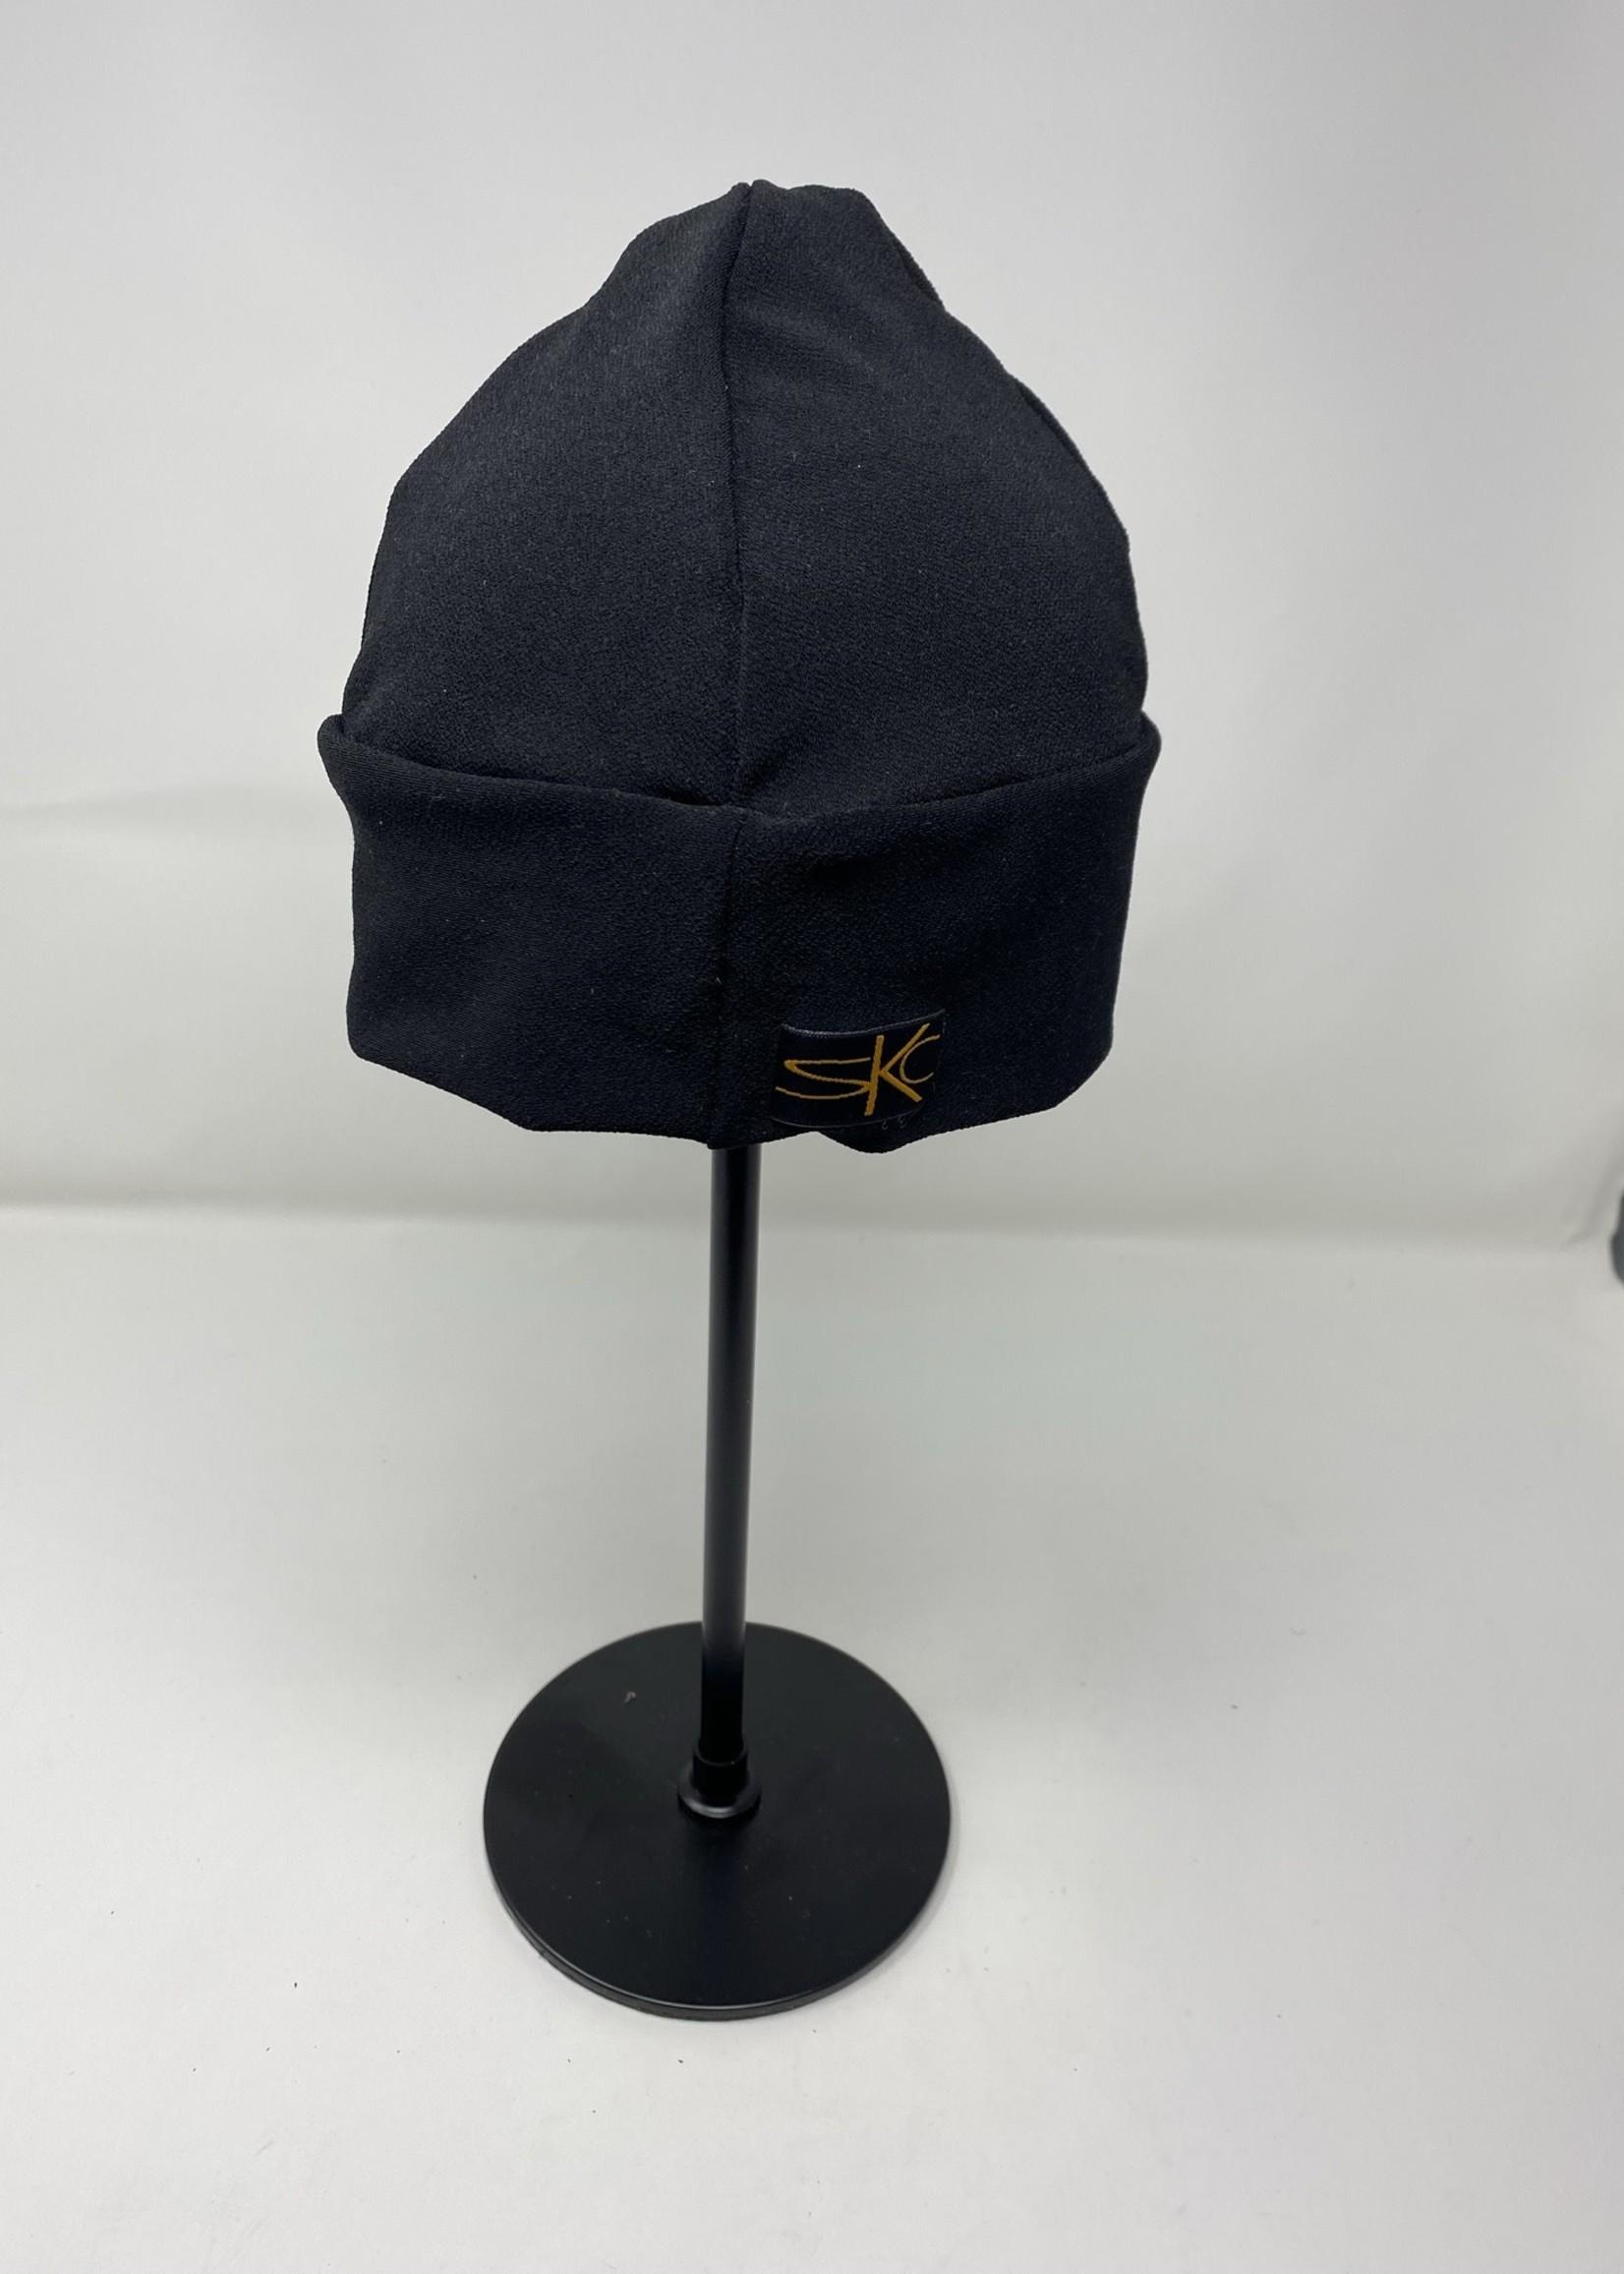 SKC BEANIE CAPS